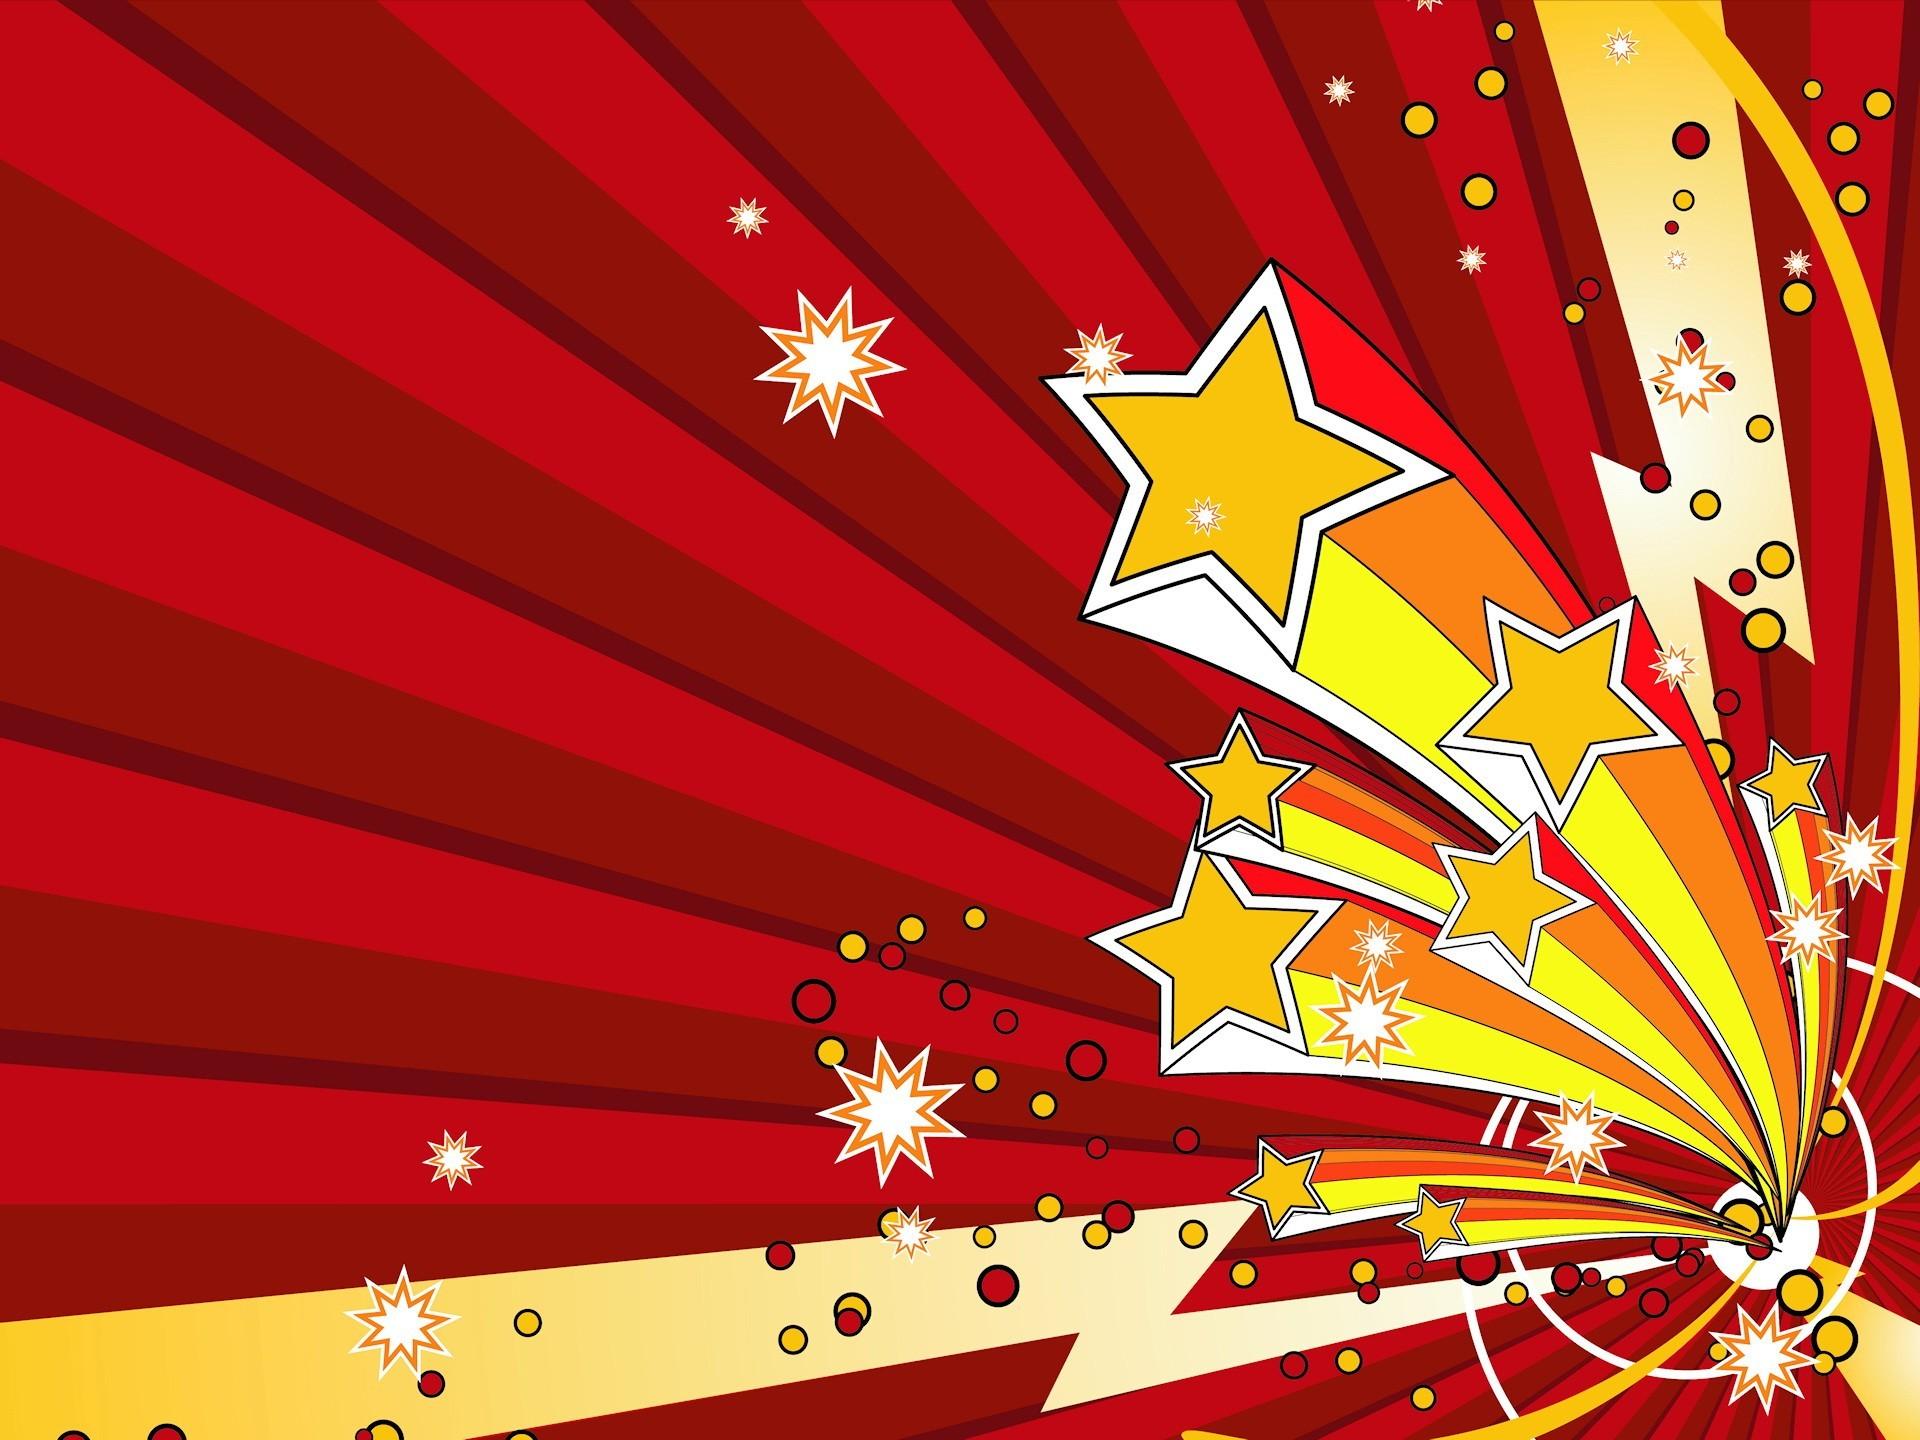 ❶Красивый фон 23 февраля|Нейтральные поздравления с 23 февраля|8 Best 23февраля images | Packaging, Candy gifts, Gifts||}